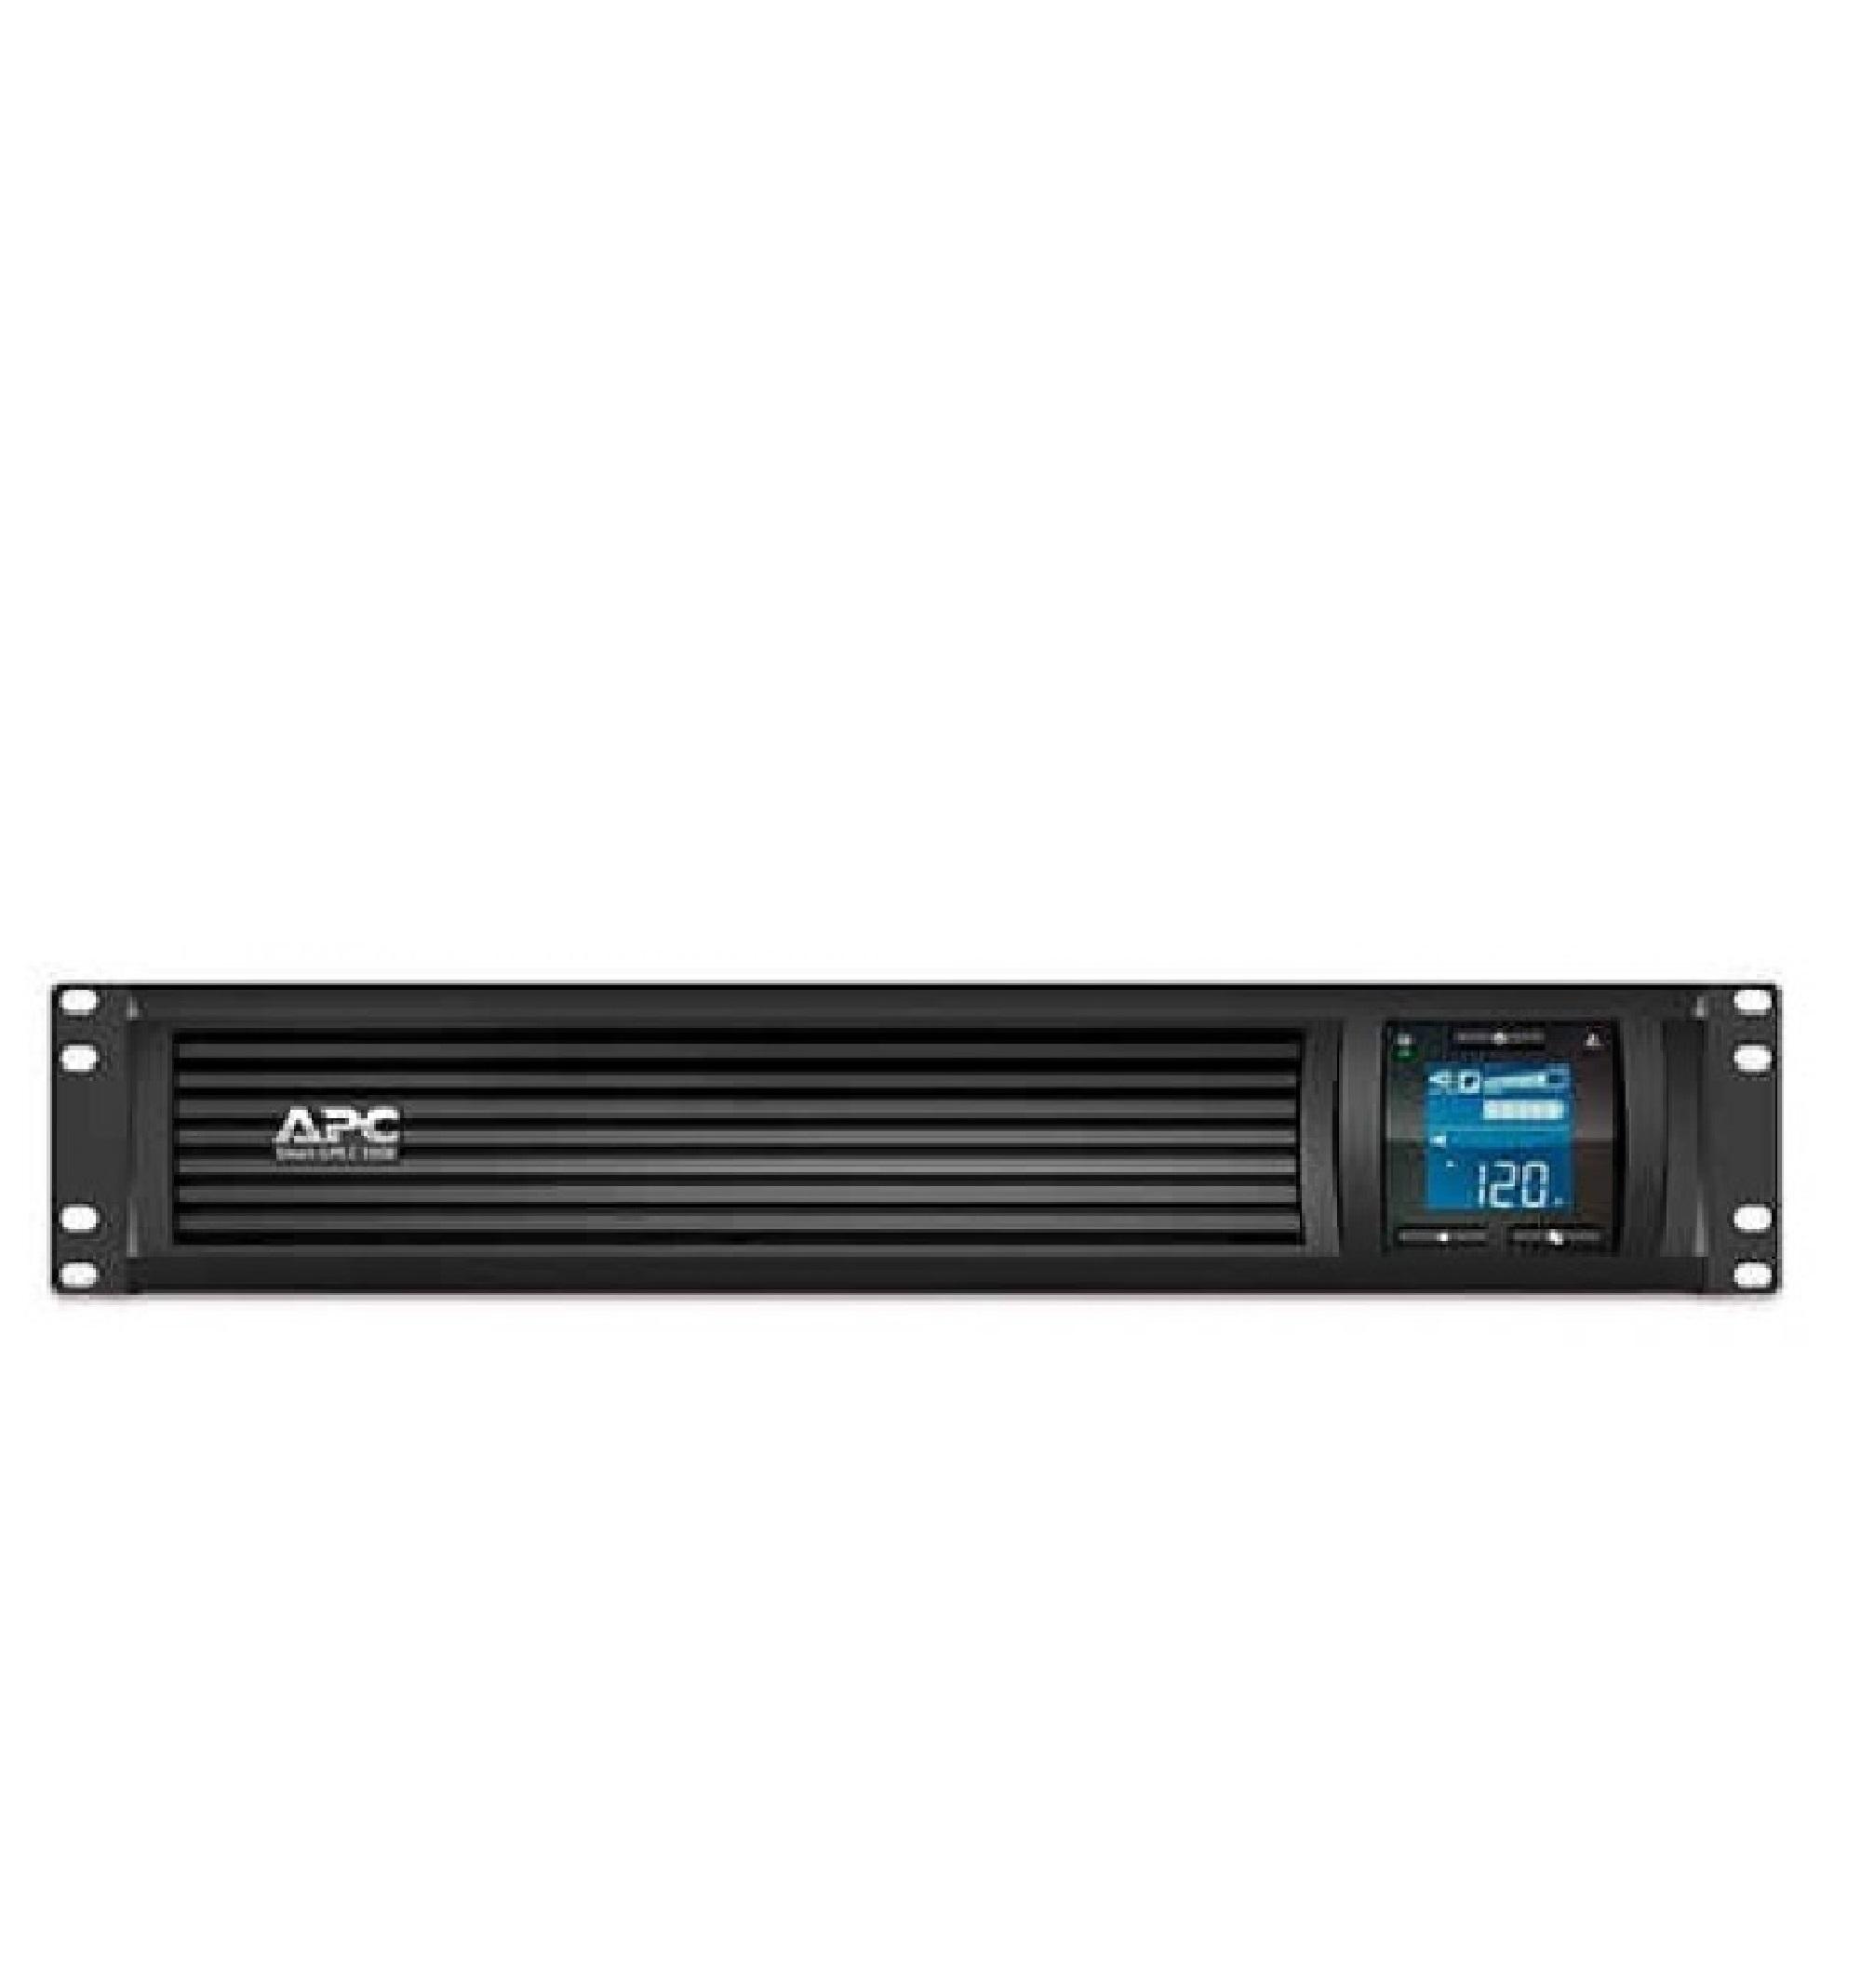 Nobreak inteligente Smart-UPS da APC 1500 VA 120 V para rack 2 U